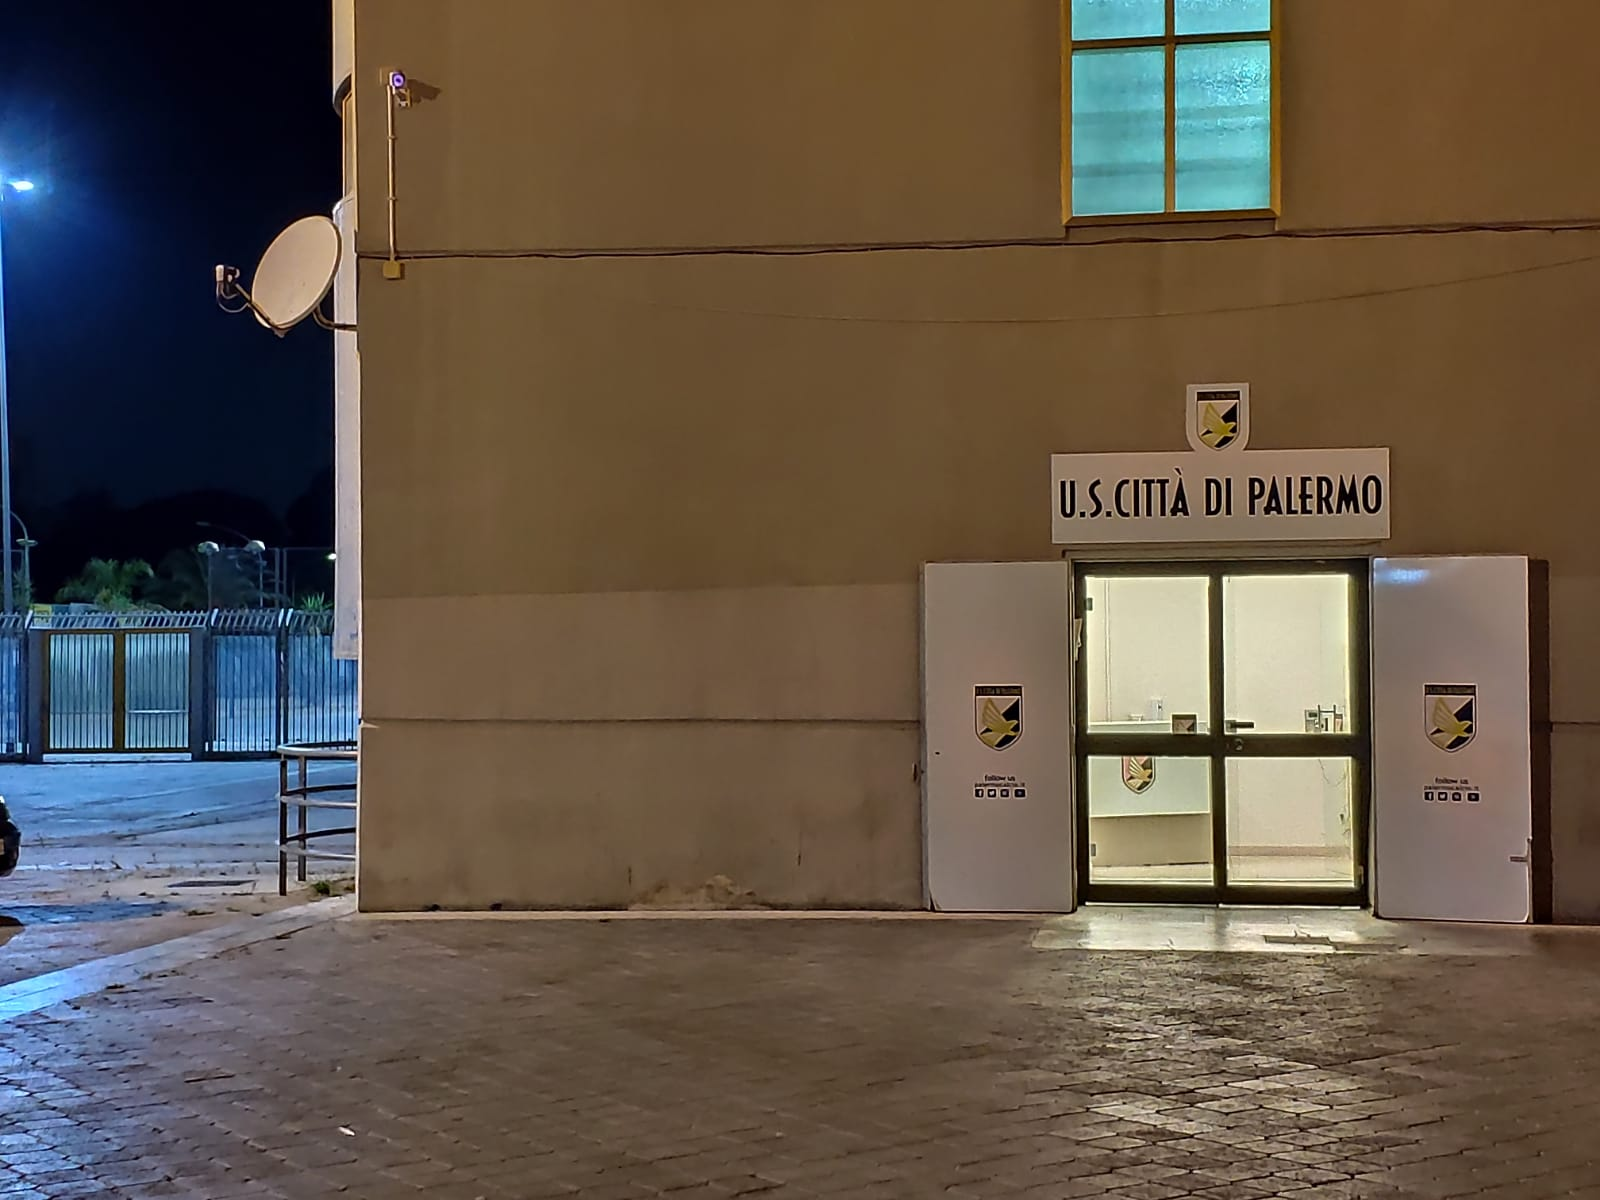 """""""Shock iscrizioni, Palermo fuori?"""". Questo il titolo sulle pagine nazionali della Gazzetta dello Sport, che fa il punto della situazione sulle iscrizioni ai campionati e sul caso del Palermo: un vero e proprio giallo da cui quasi certamente partiràlabattaglia legale del Venezia, prima squadra in lista per l'eventuale sostituzione: il 3-4 luglio il parere di Deloitte e Covisoc, il 12 luglio il verdetto finale della Figc. IL PALERMO E LA FIDEIUSSIONE: ECCO COSA DICONO LE NORME FIGC A cercare di ricostruire le vicende della giornata di lunedì sono Nicola Binda e Alessandro Catapano, che oltre all'attesa (rivelatasi vana)in Lega di"""